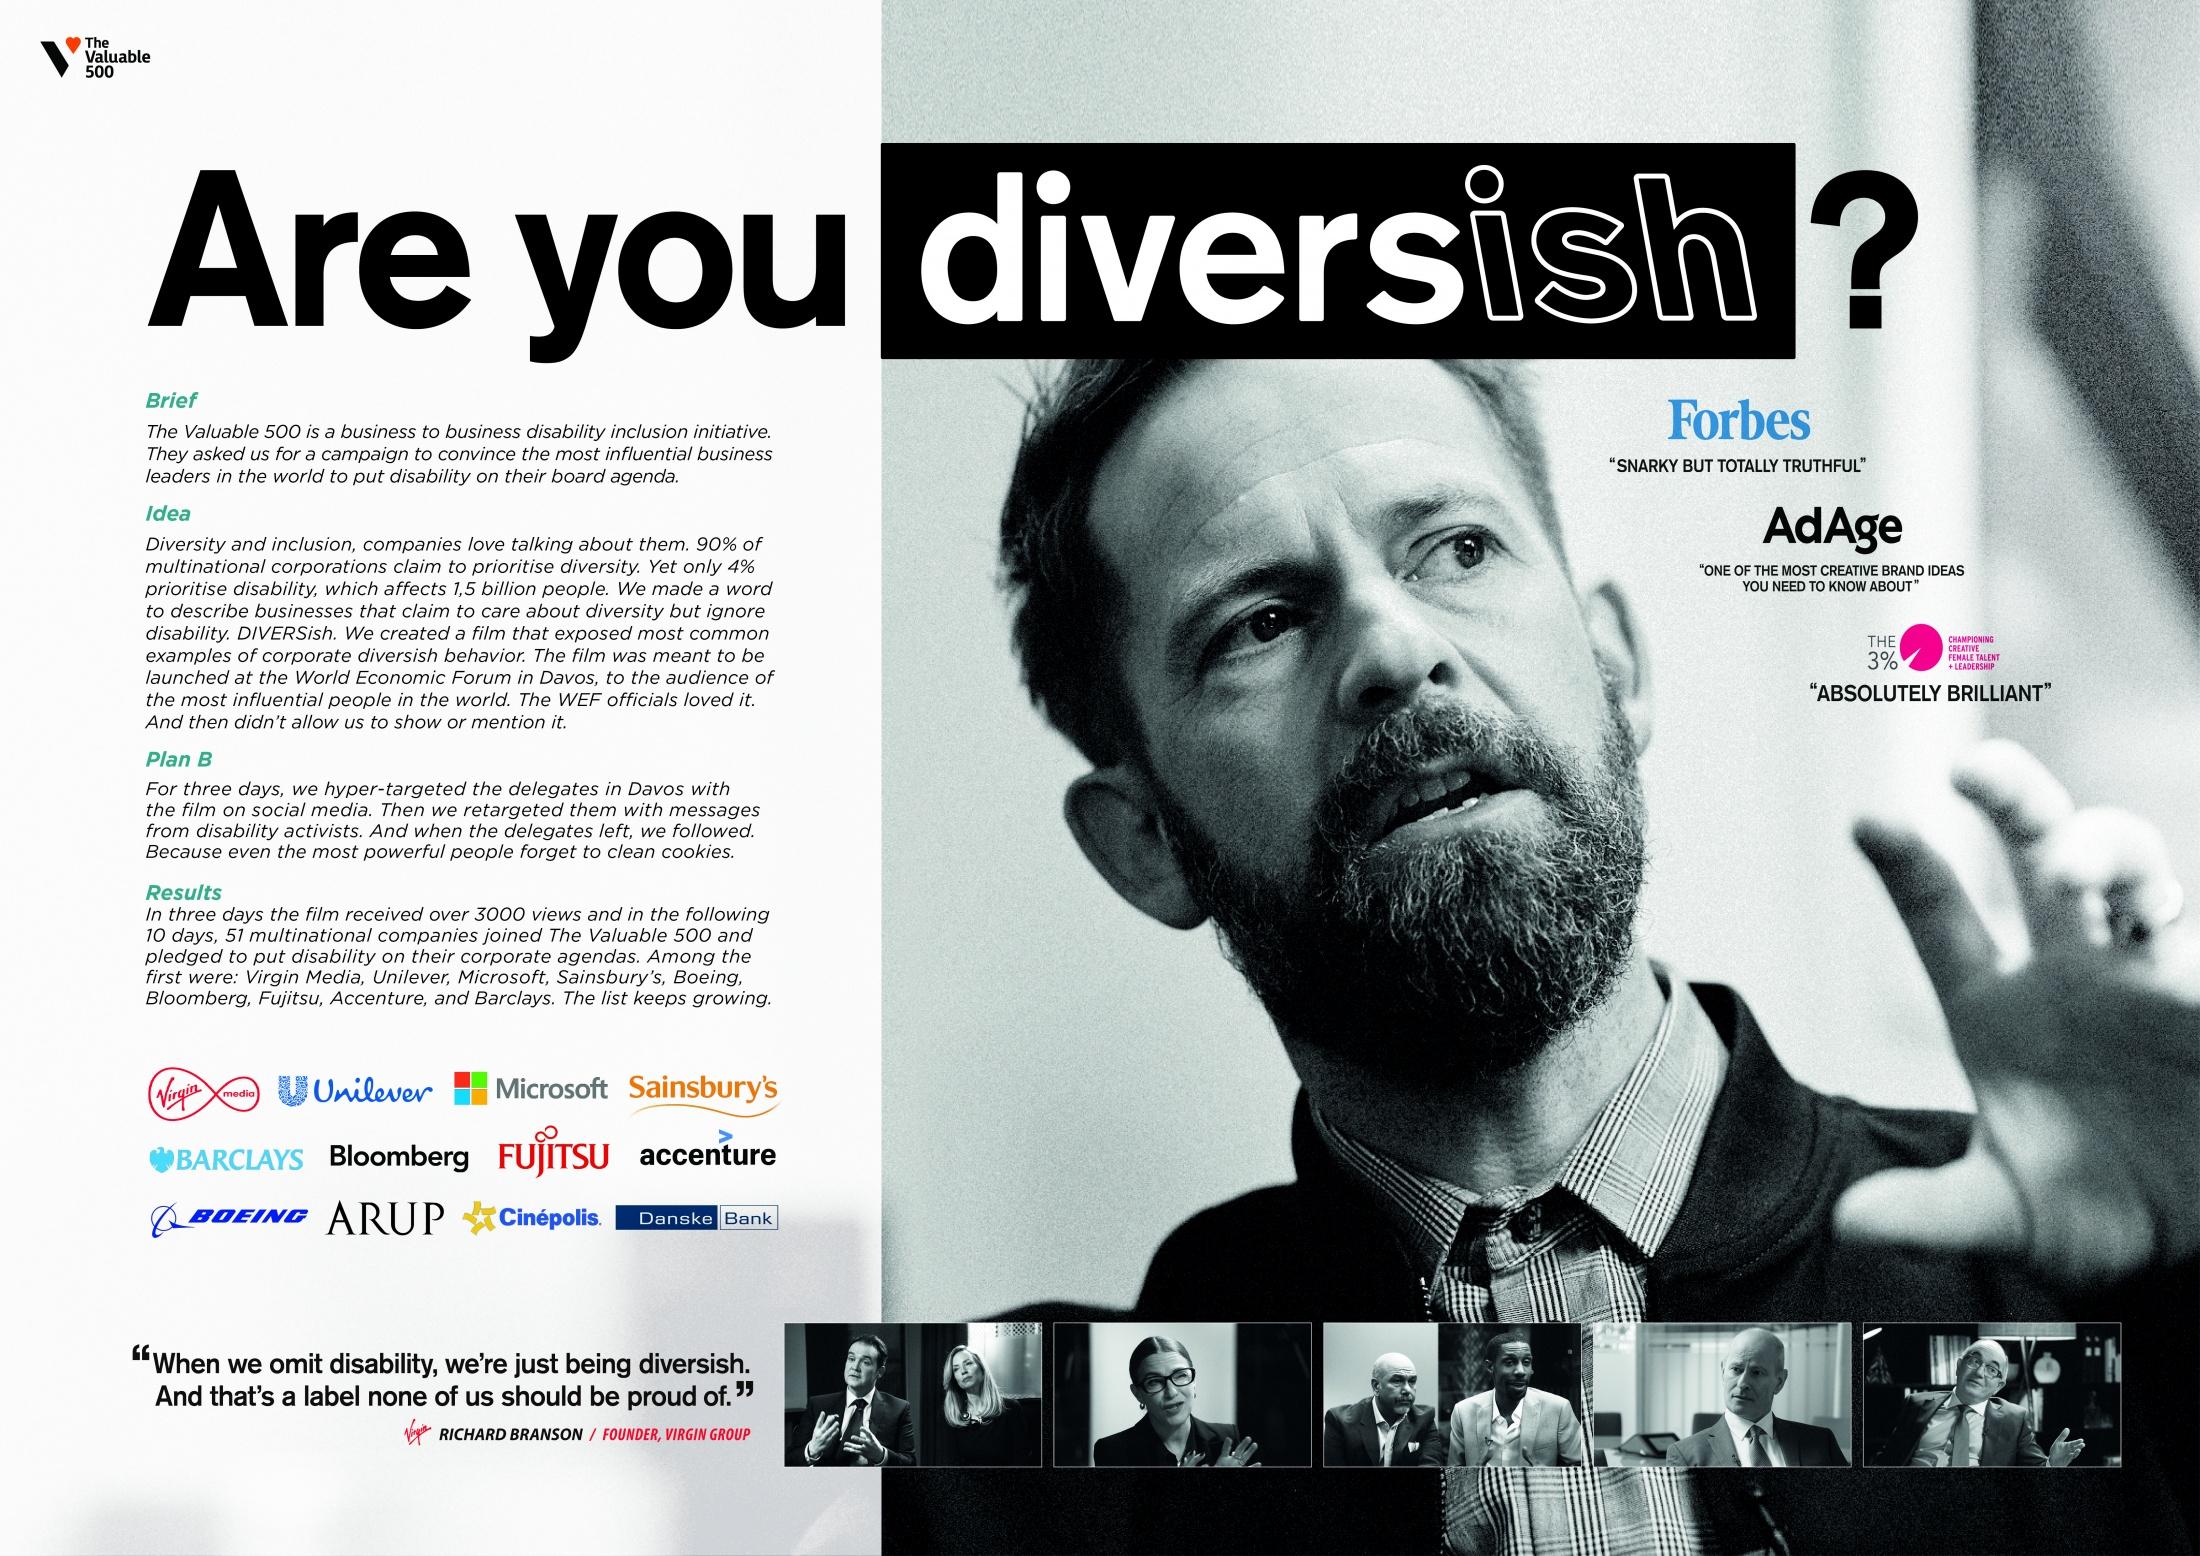 Thumbnail for Diversish